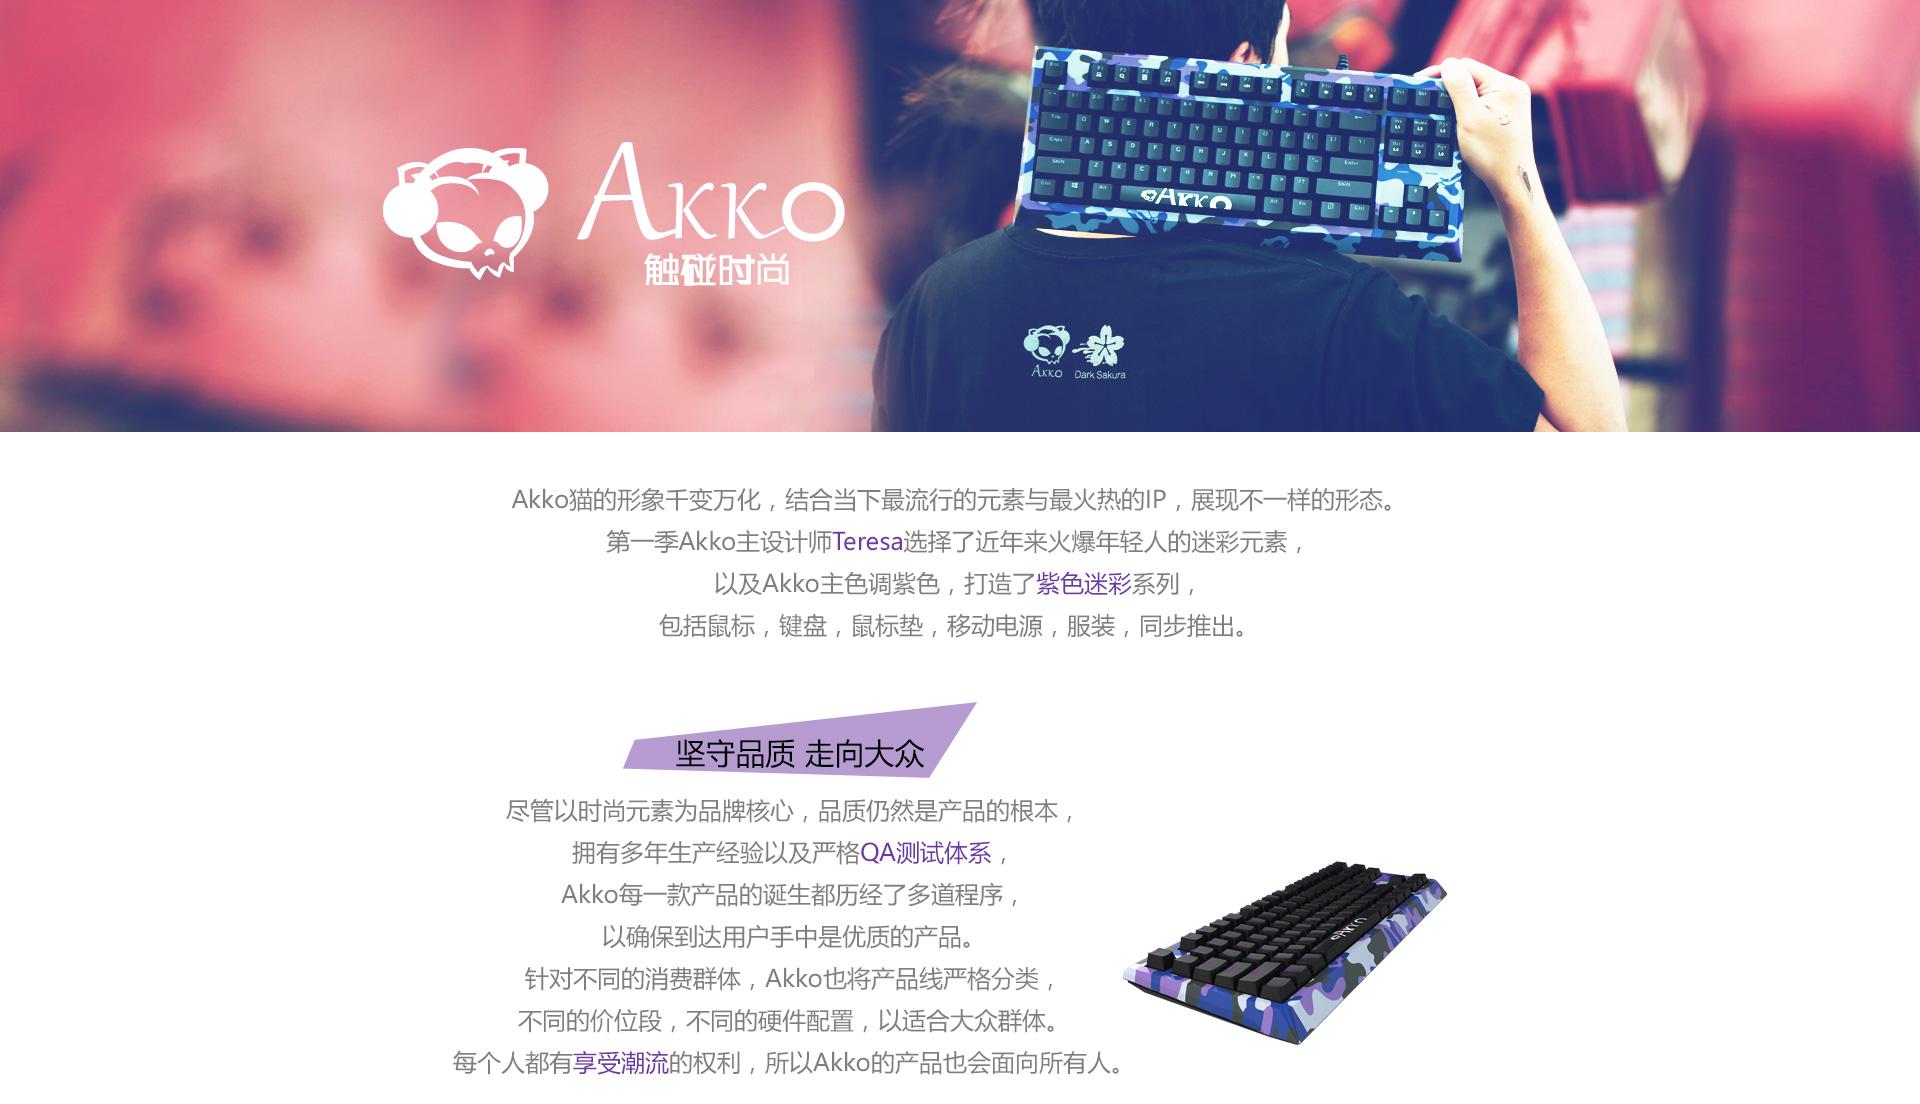 akko2